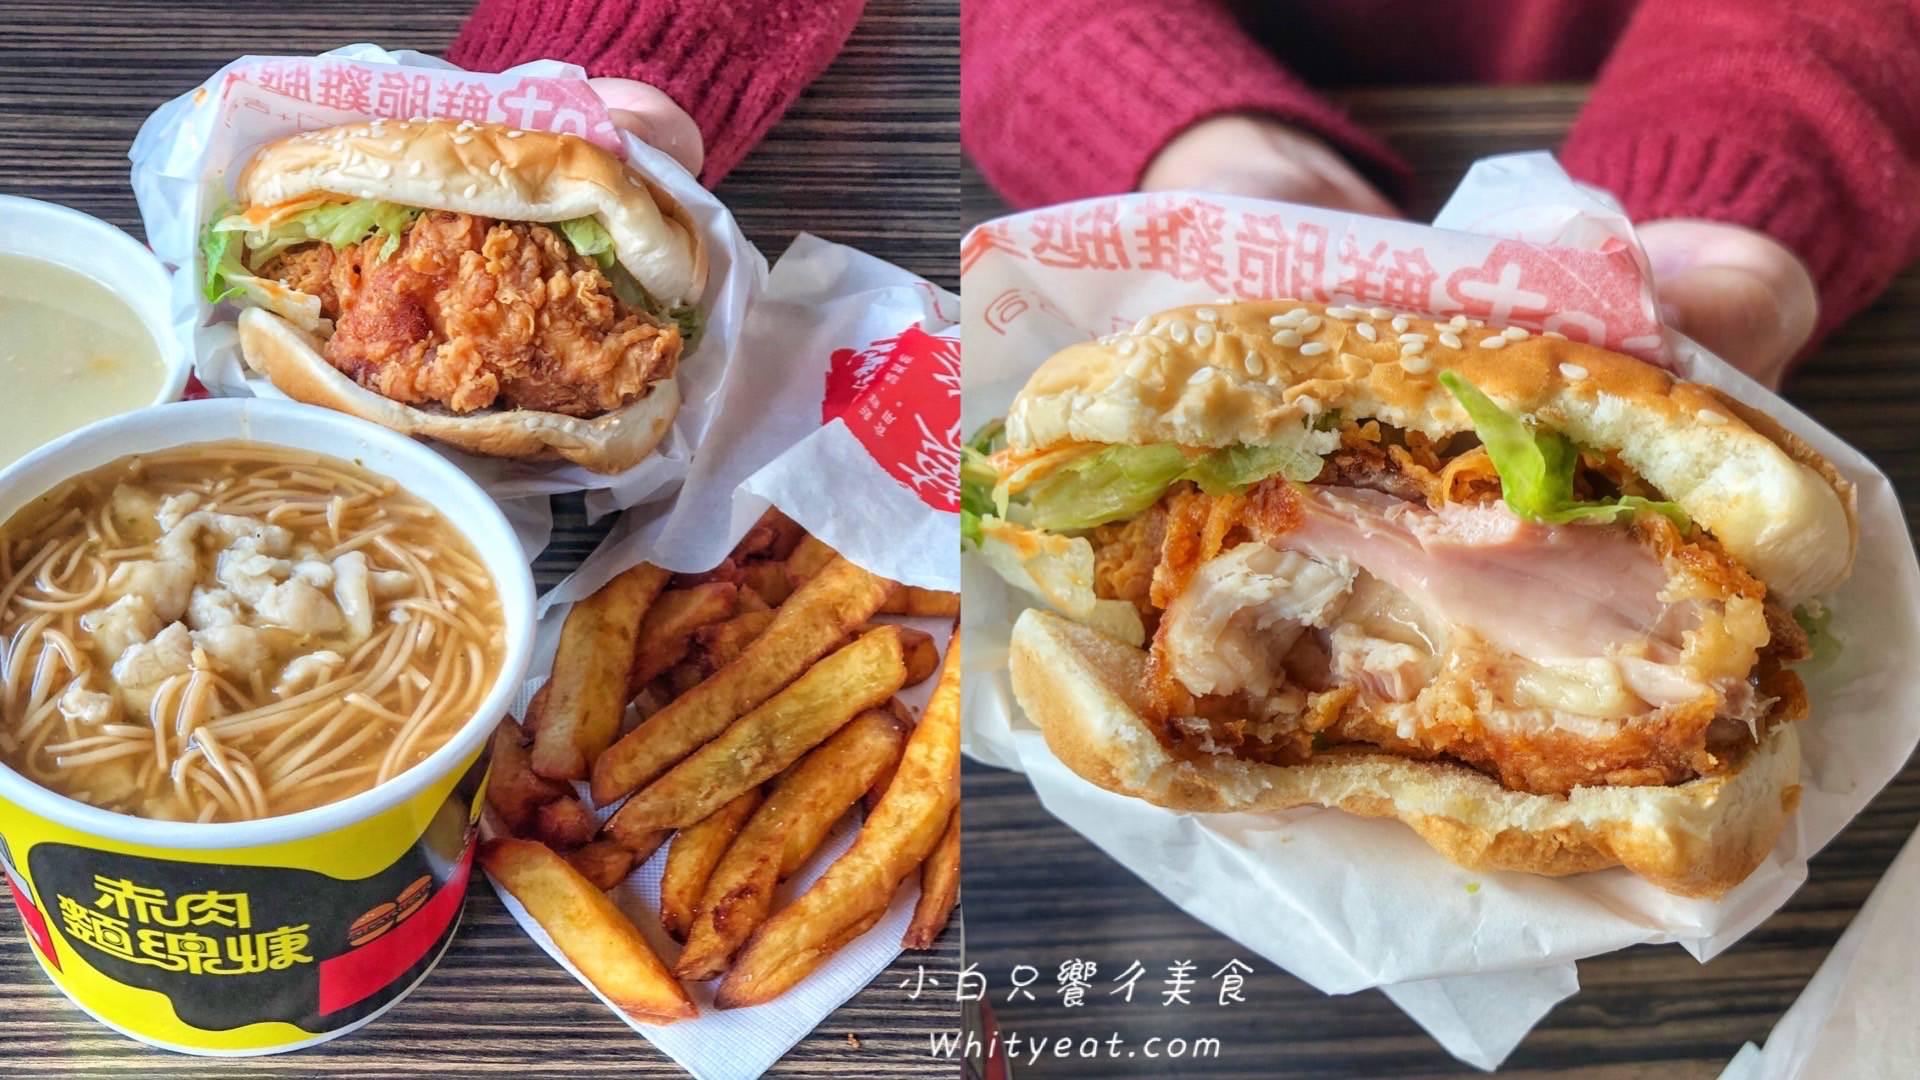 【丹丹漢堡】被譽為南霸天的最強速食店 天天都在排隊到底有什麼神奇魔力? 內文附2020年丹丹漢堡新菜單